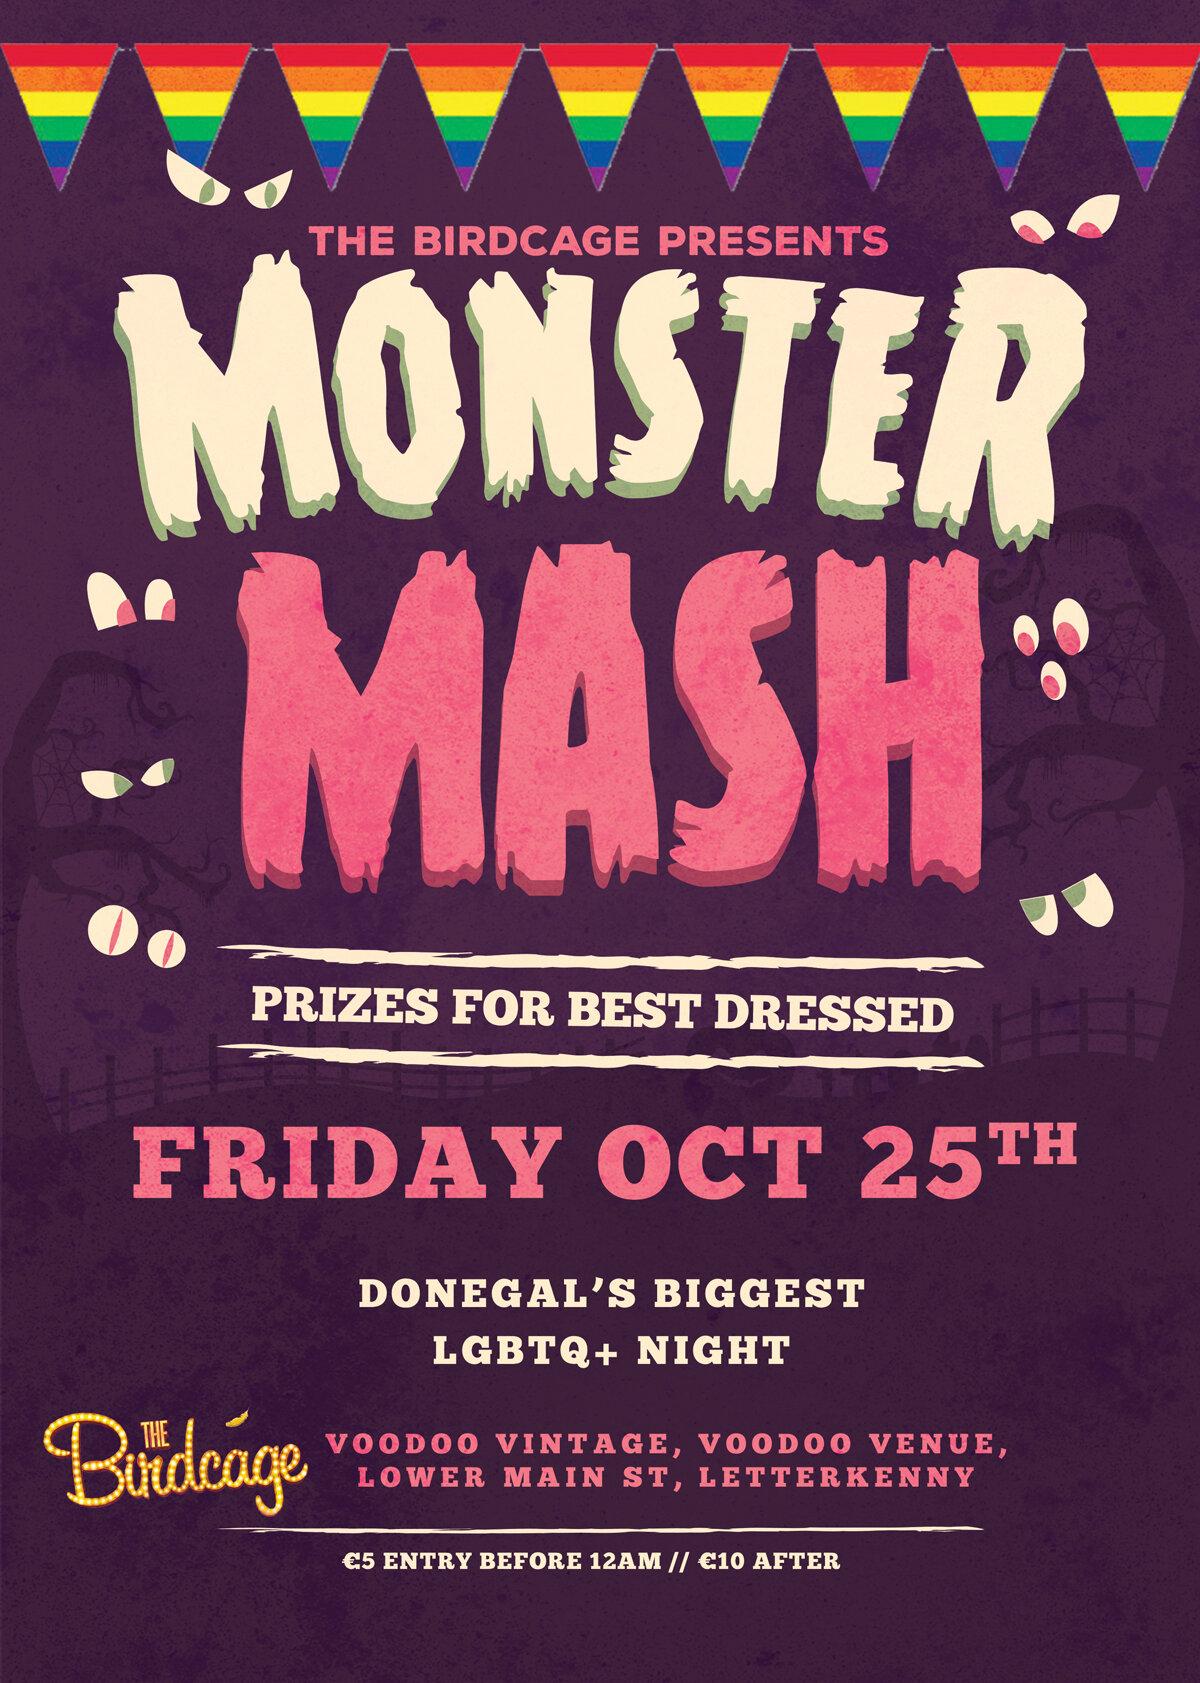 voodoo---birdcage-halloween-monster-mash---fri-oct-25-2019.jpg